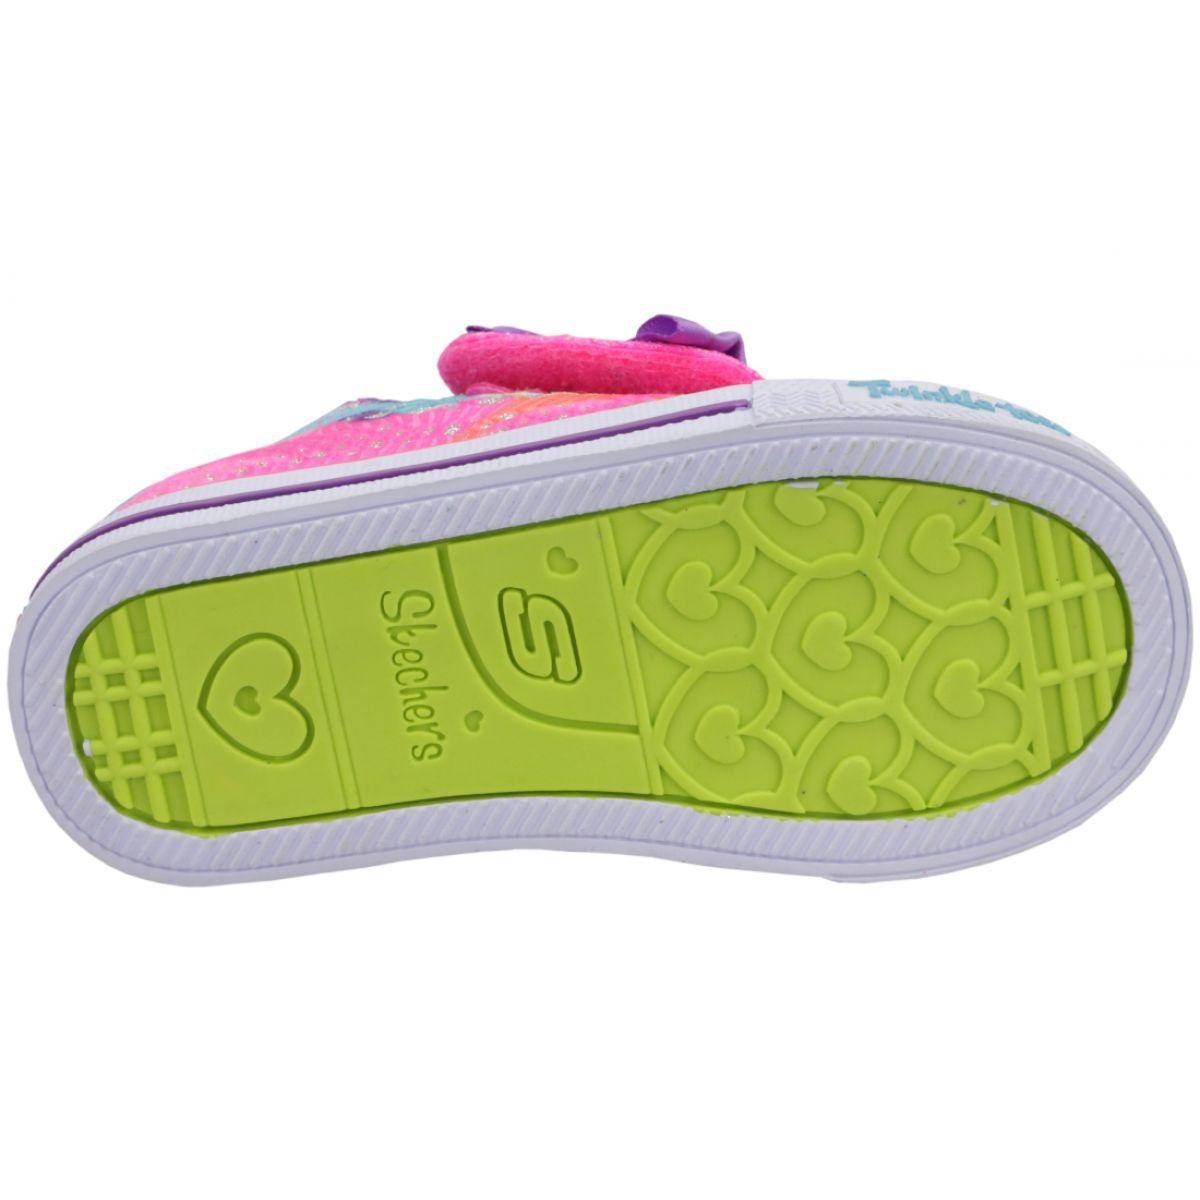 Buty Skechers Shuffles Jr 10834n Npmt Wielokolorowe Skechers Childrens Shoes Kid Shoes